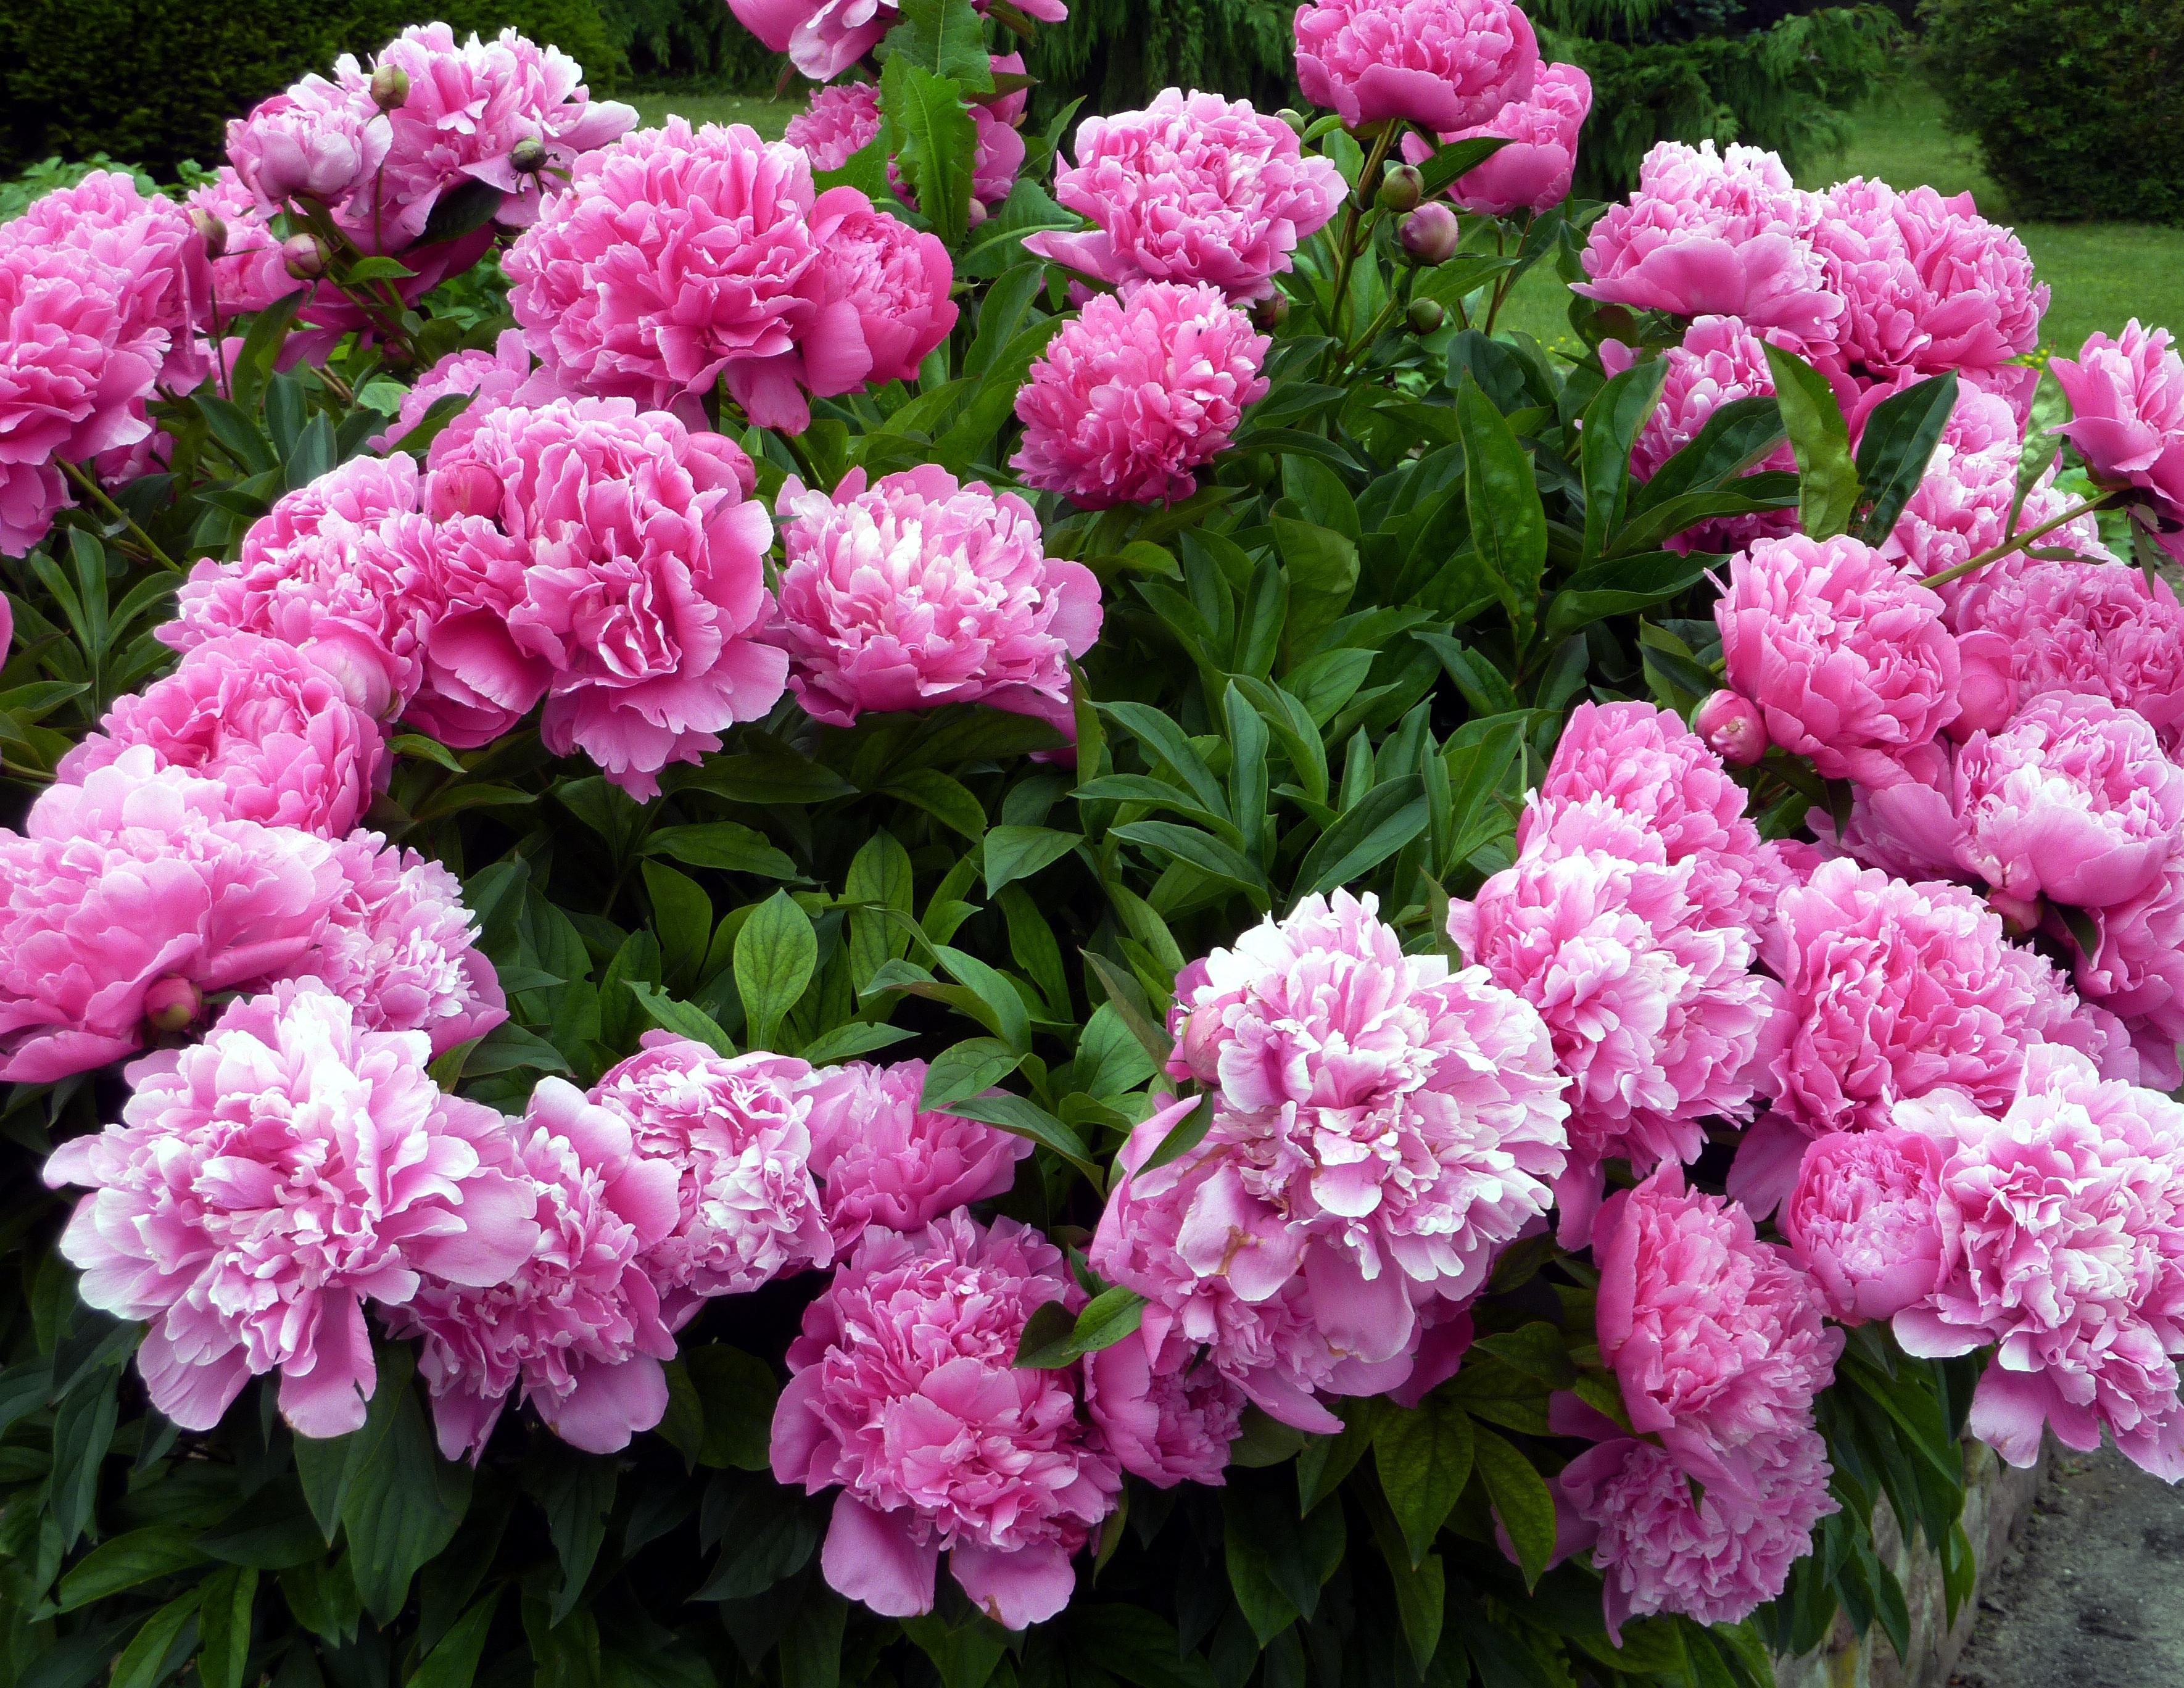 Free Images Field Flower Spring Garden Pink Hydrangea